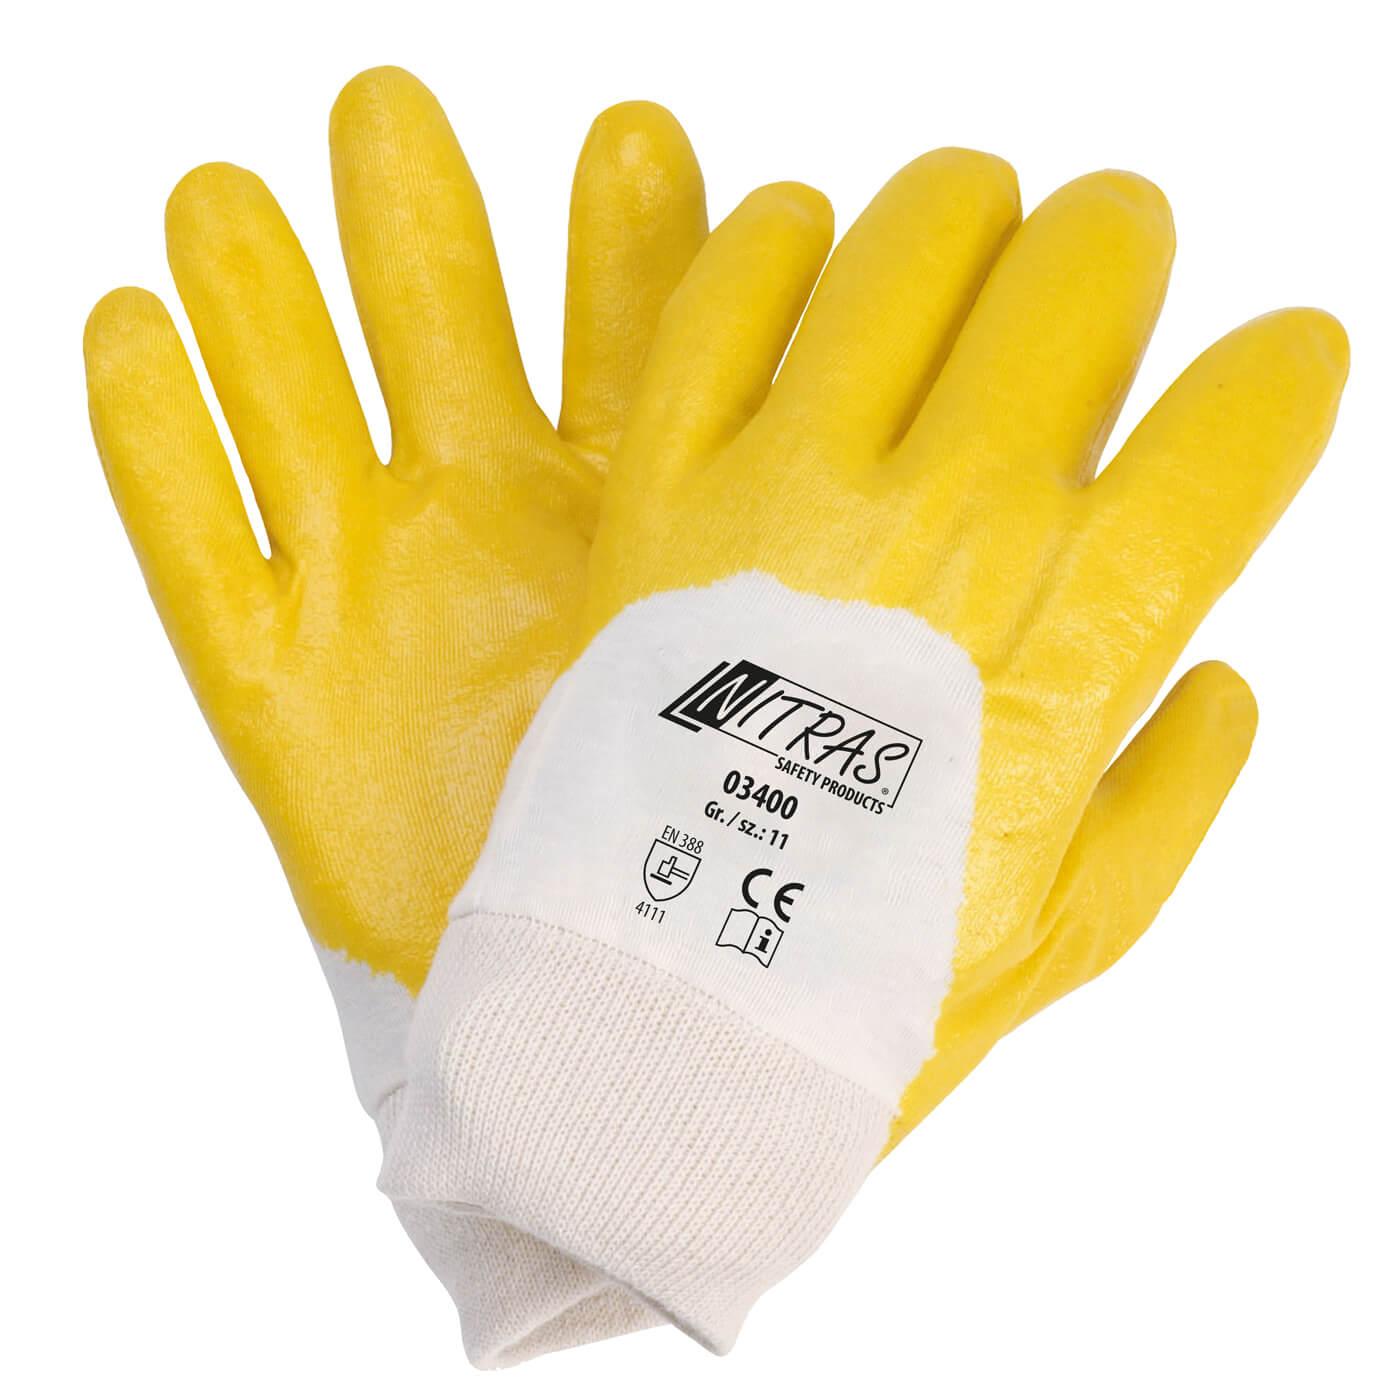 Rękawice nitrylowe Nitras 03400